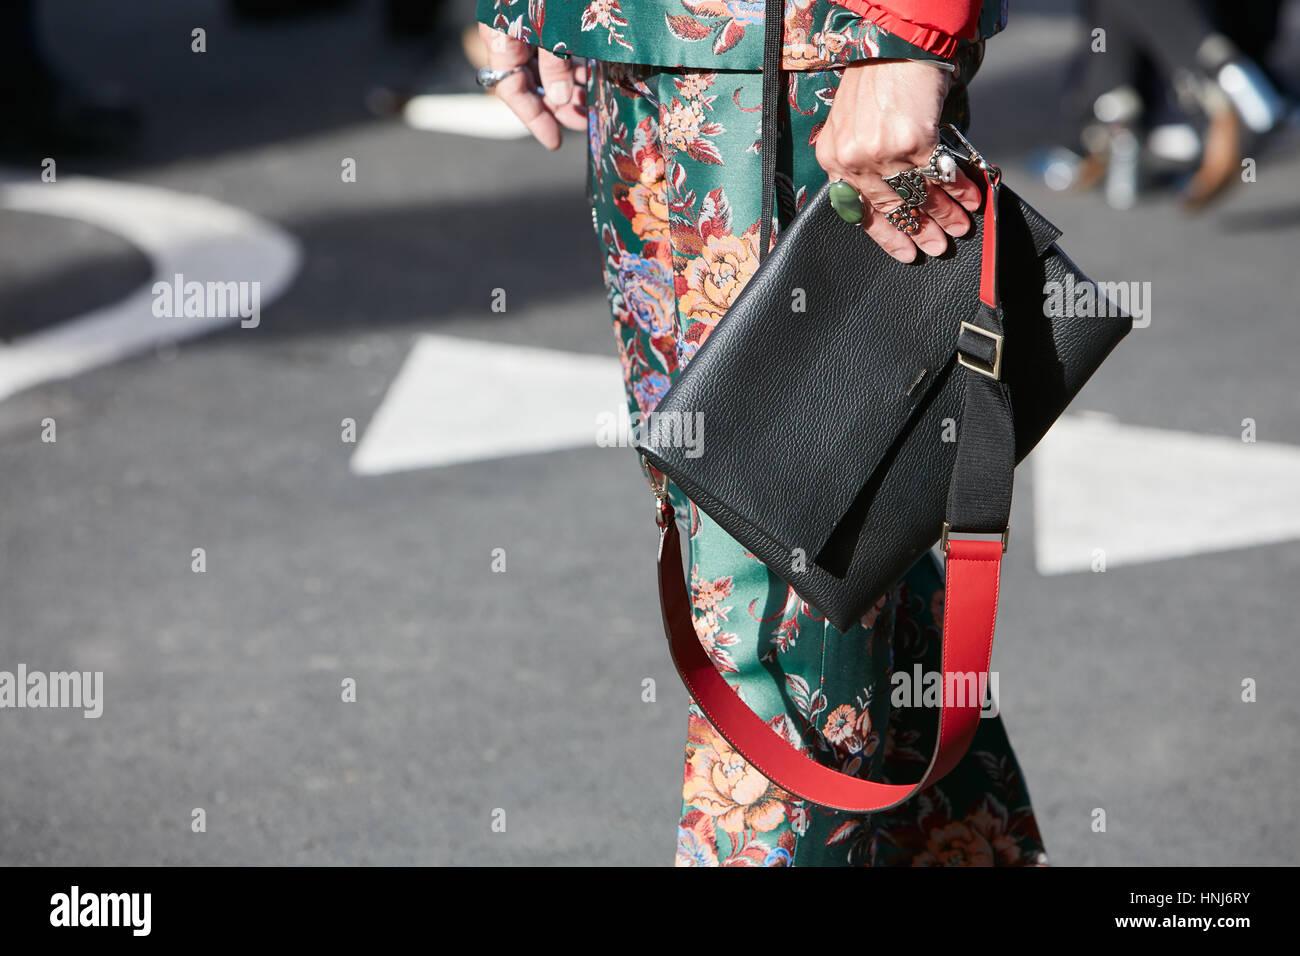 9c6195142c51 Avec l homme noir et rouge Sac en cuir et soie floral pantalon vert,